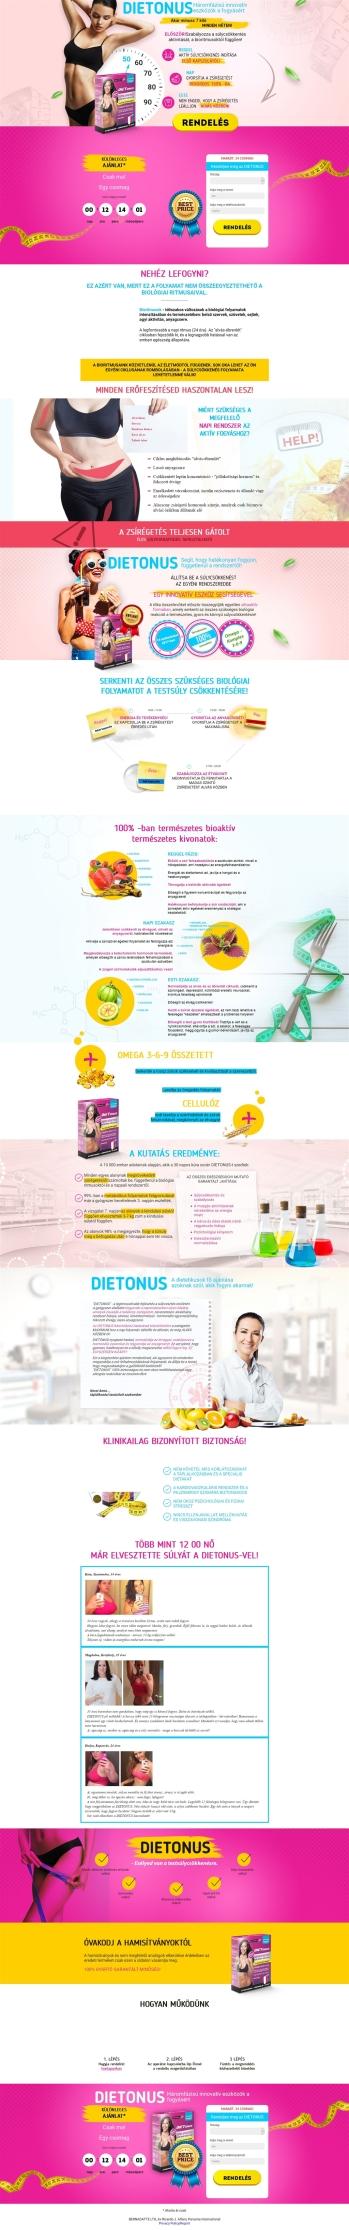 Vimax detox természetes vastagbél tisztítás, Idilli állapot elérhető közelben